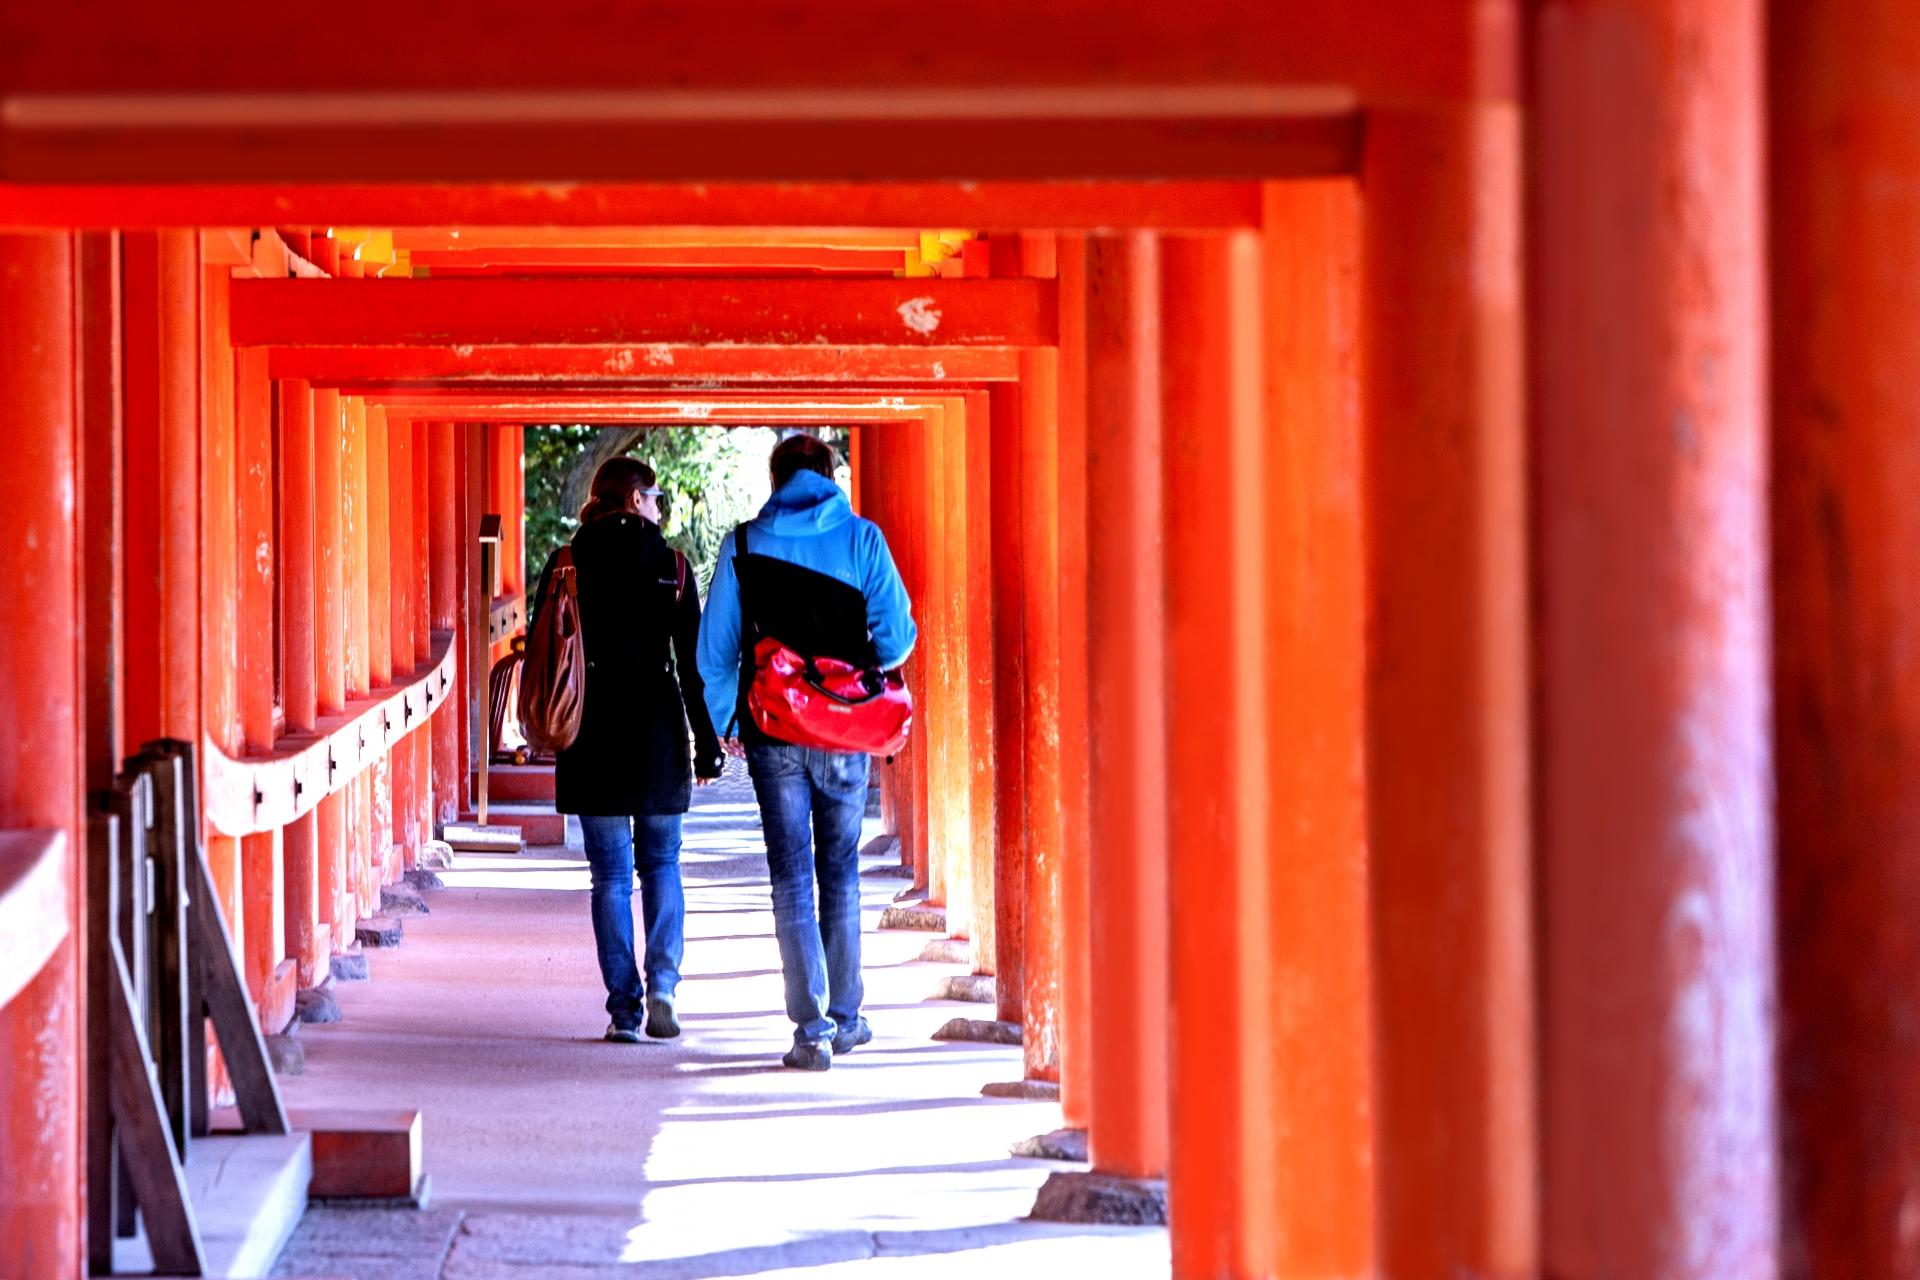 日本を訪れるスペイン人が急増?スペイン人の抱く日本への憧れ